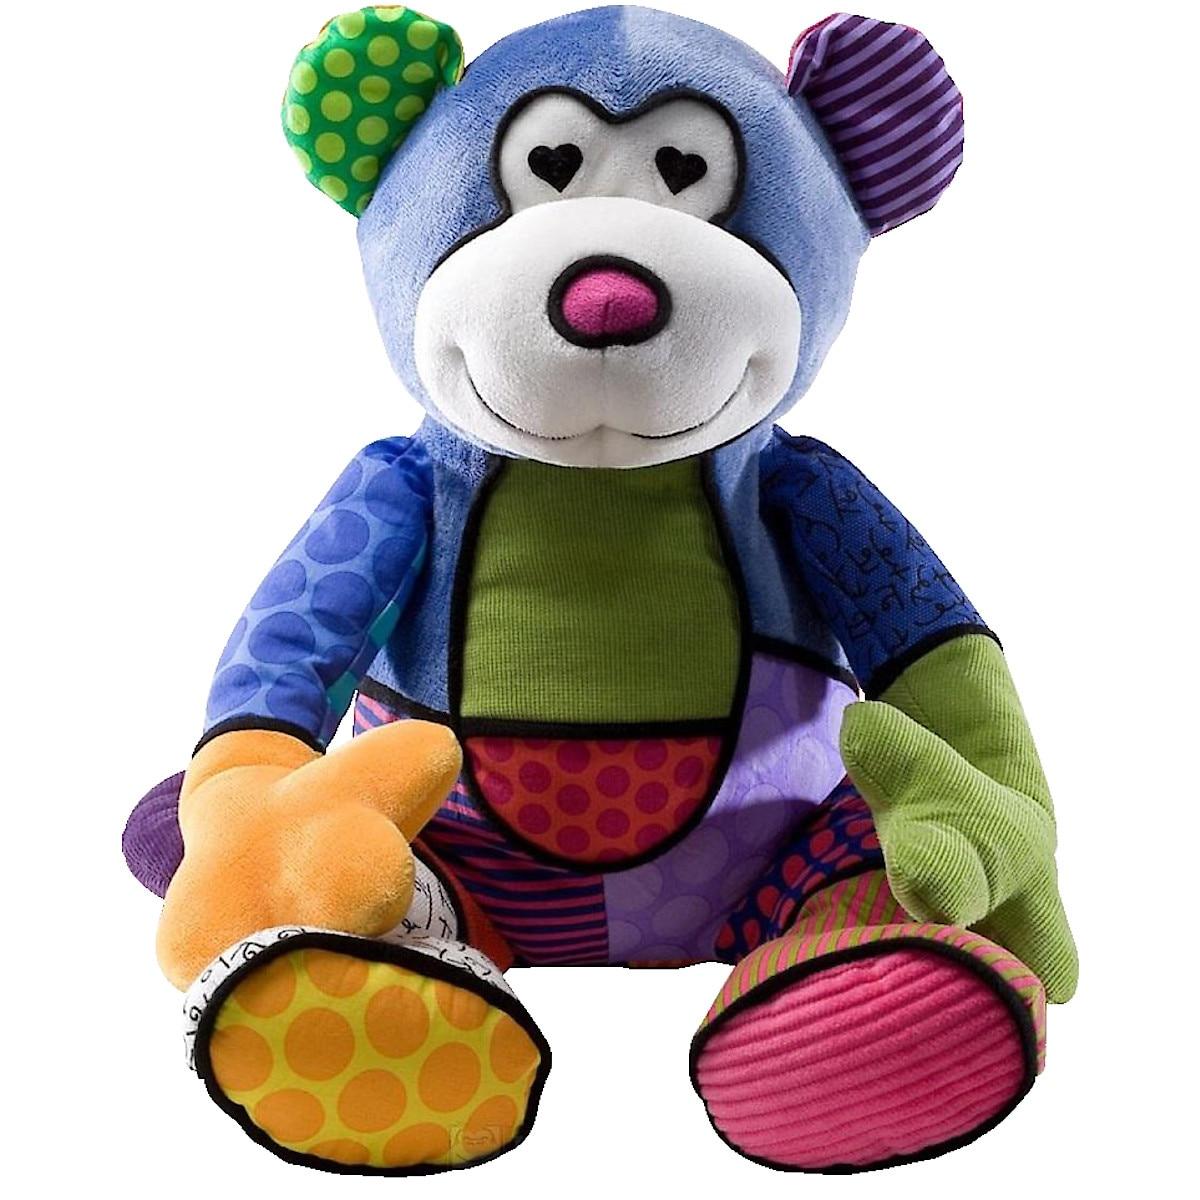 Pehmoeläin Matisse Plush Monkey